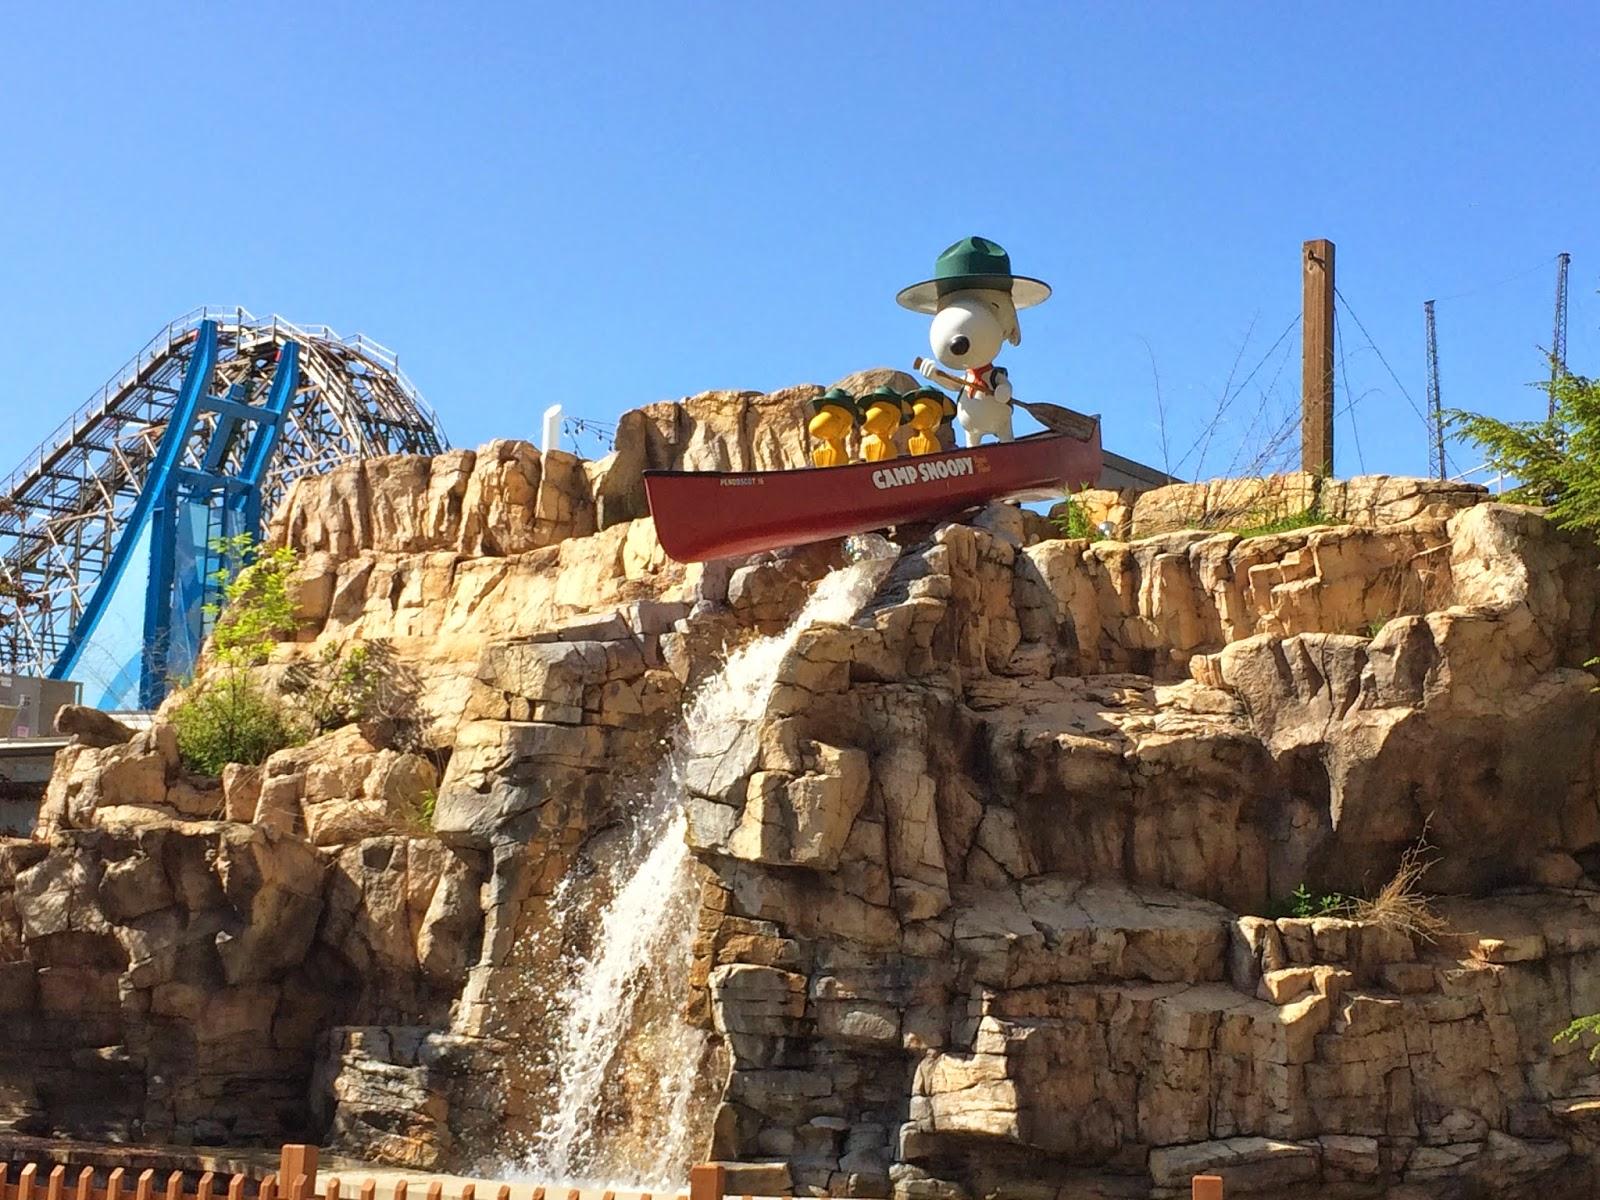 Camp Snoopy Cedar Point